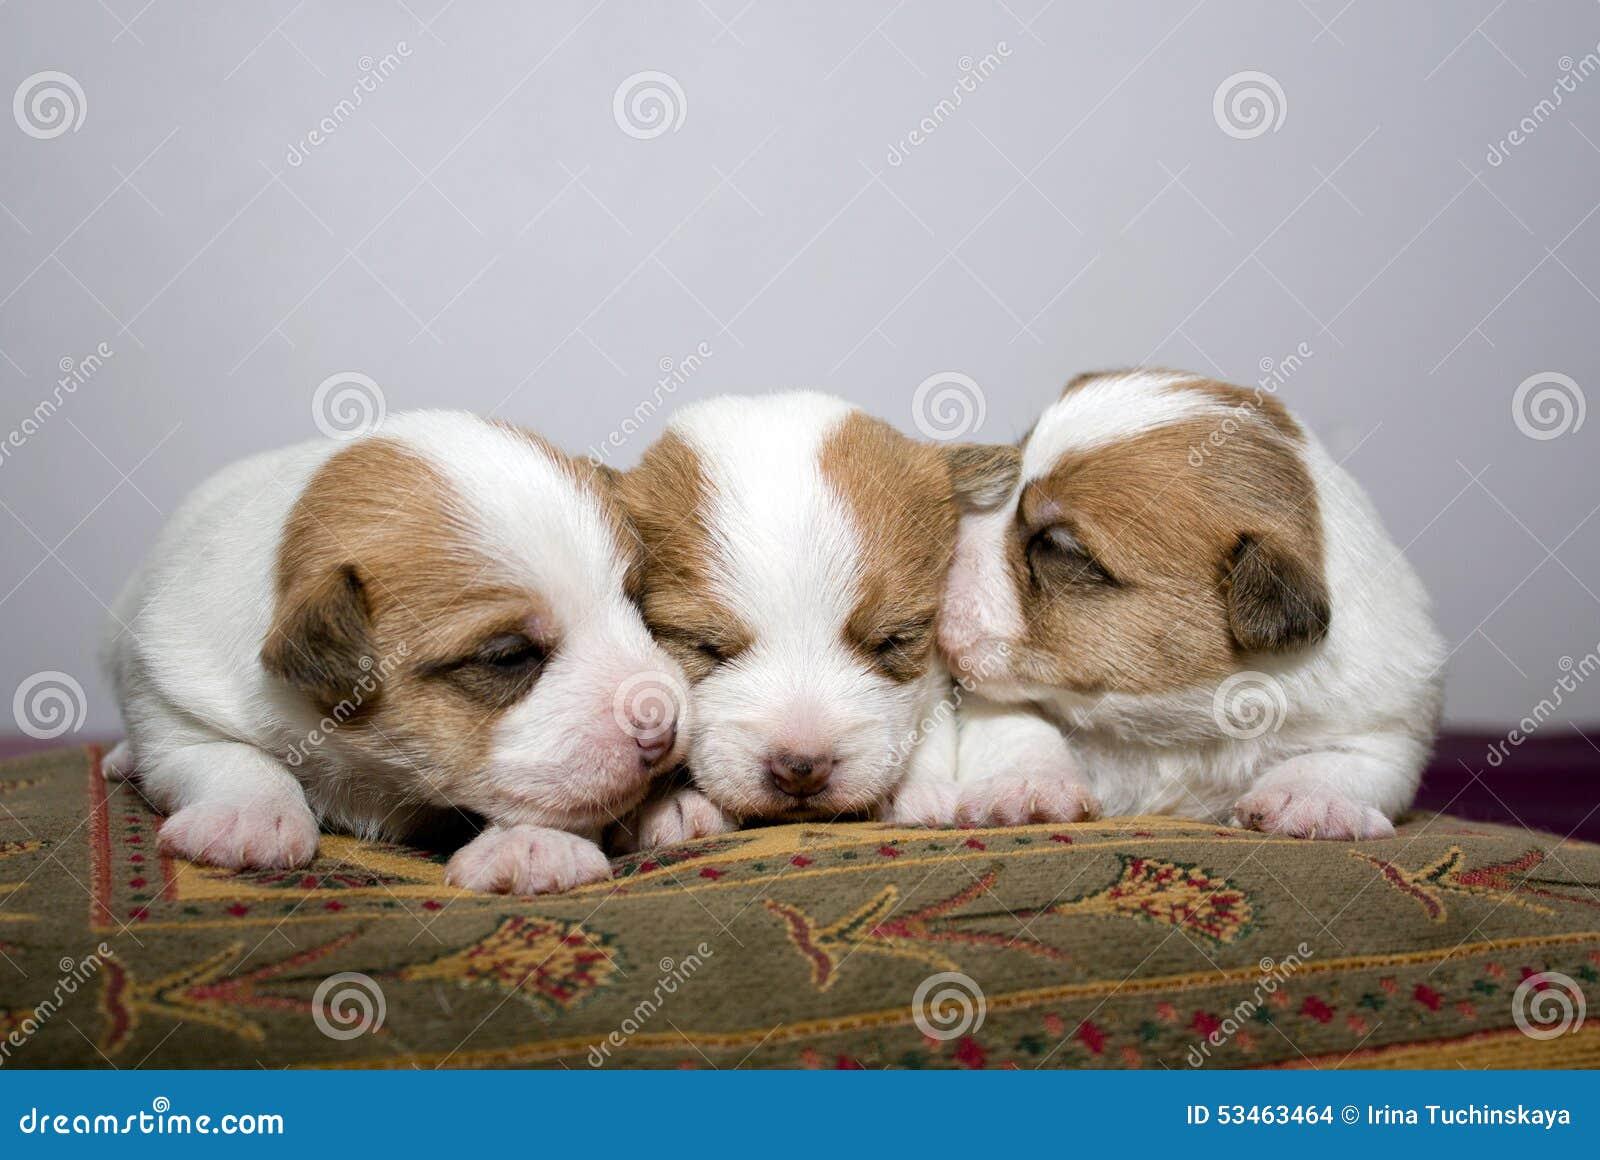 Drie Pasgeboren Jack Russel Puppies Stock Foto - Image of zacht, blindheid:  53463464